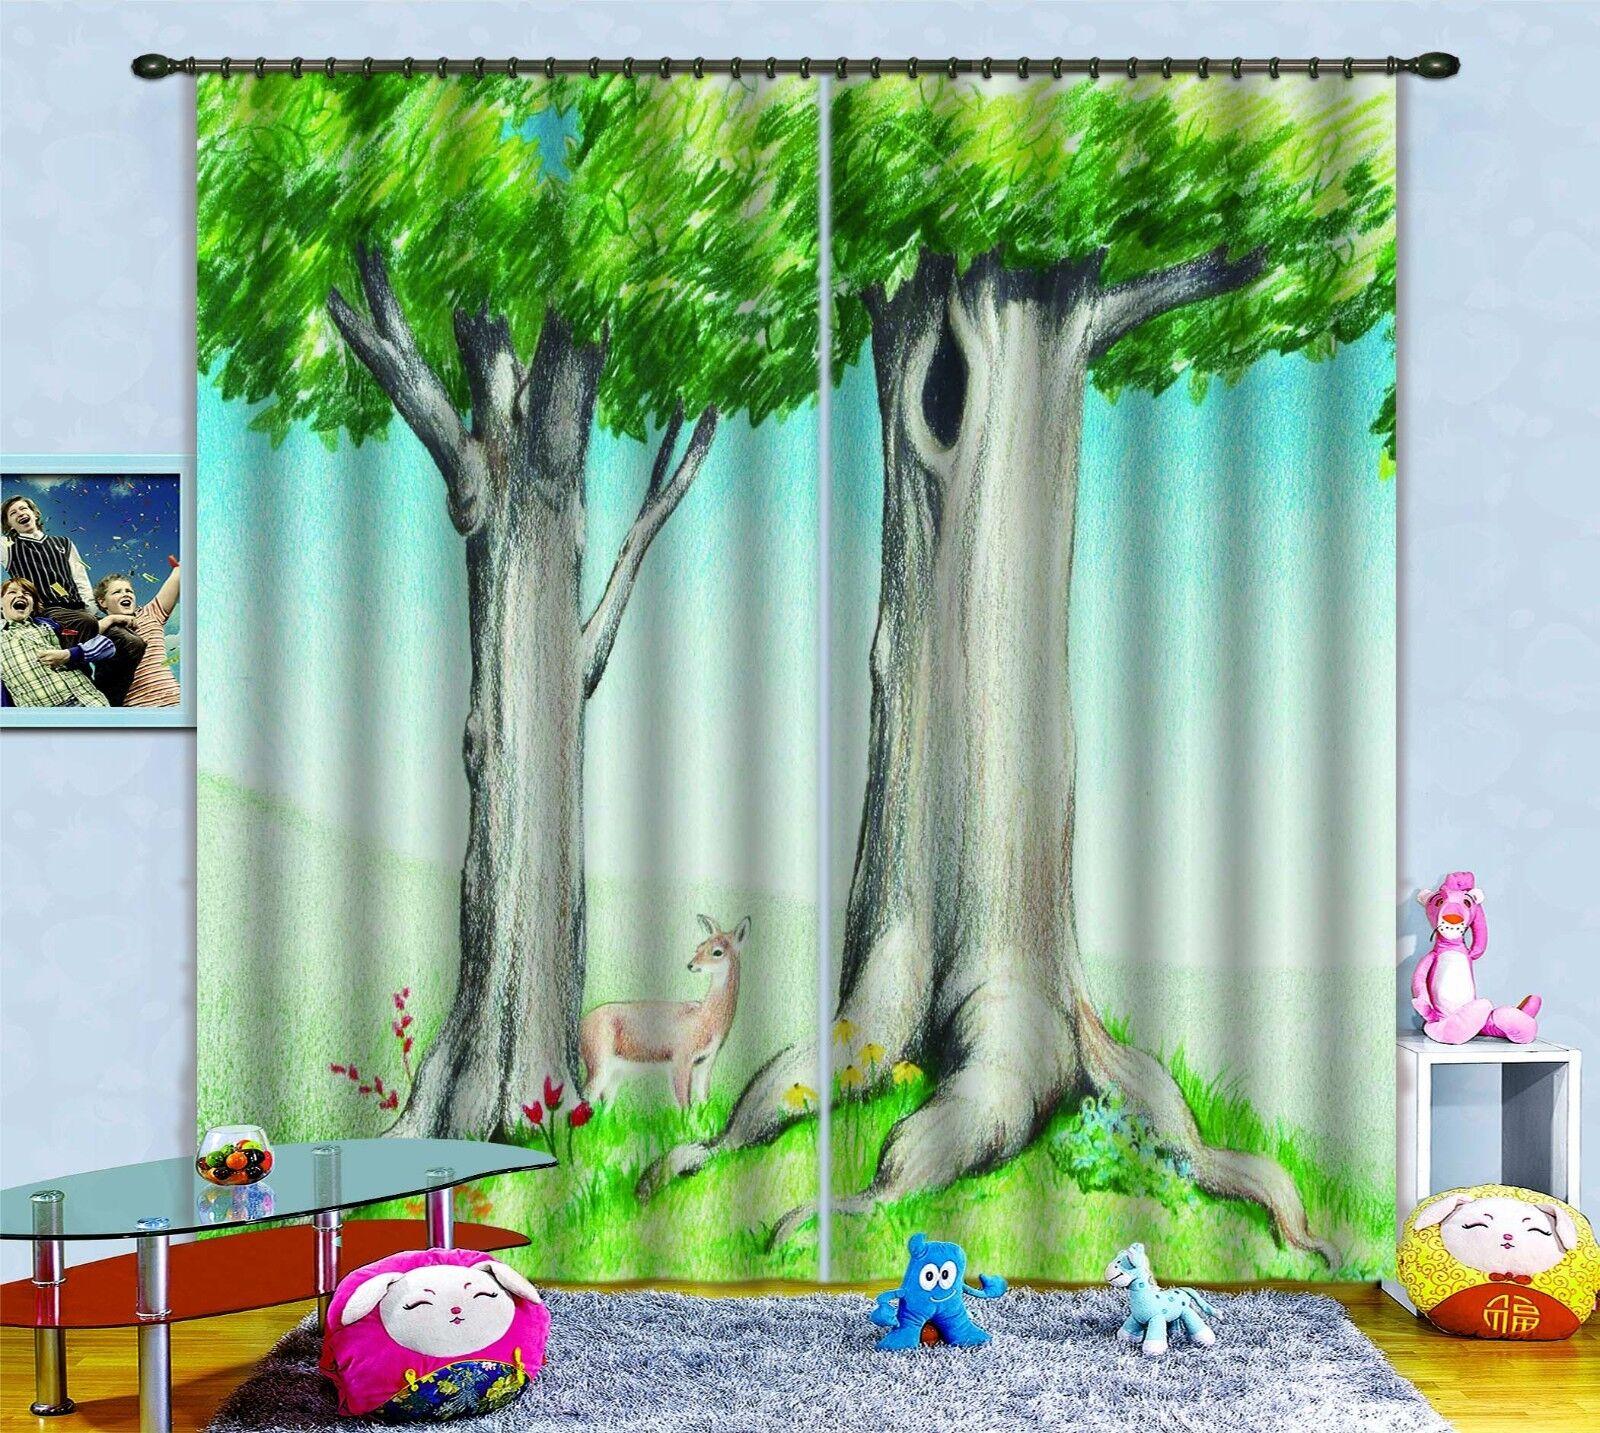 3D Árbol De Ciervo 369 Cortinas de impresión de cortina de foto Blockout Tela Cortinas Ventana Reino Unido